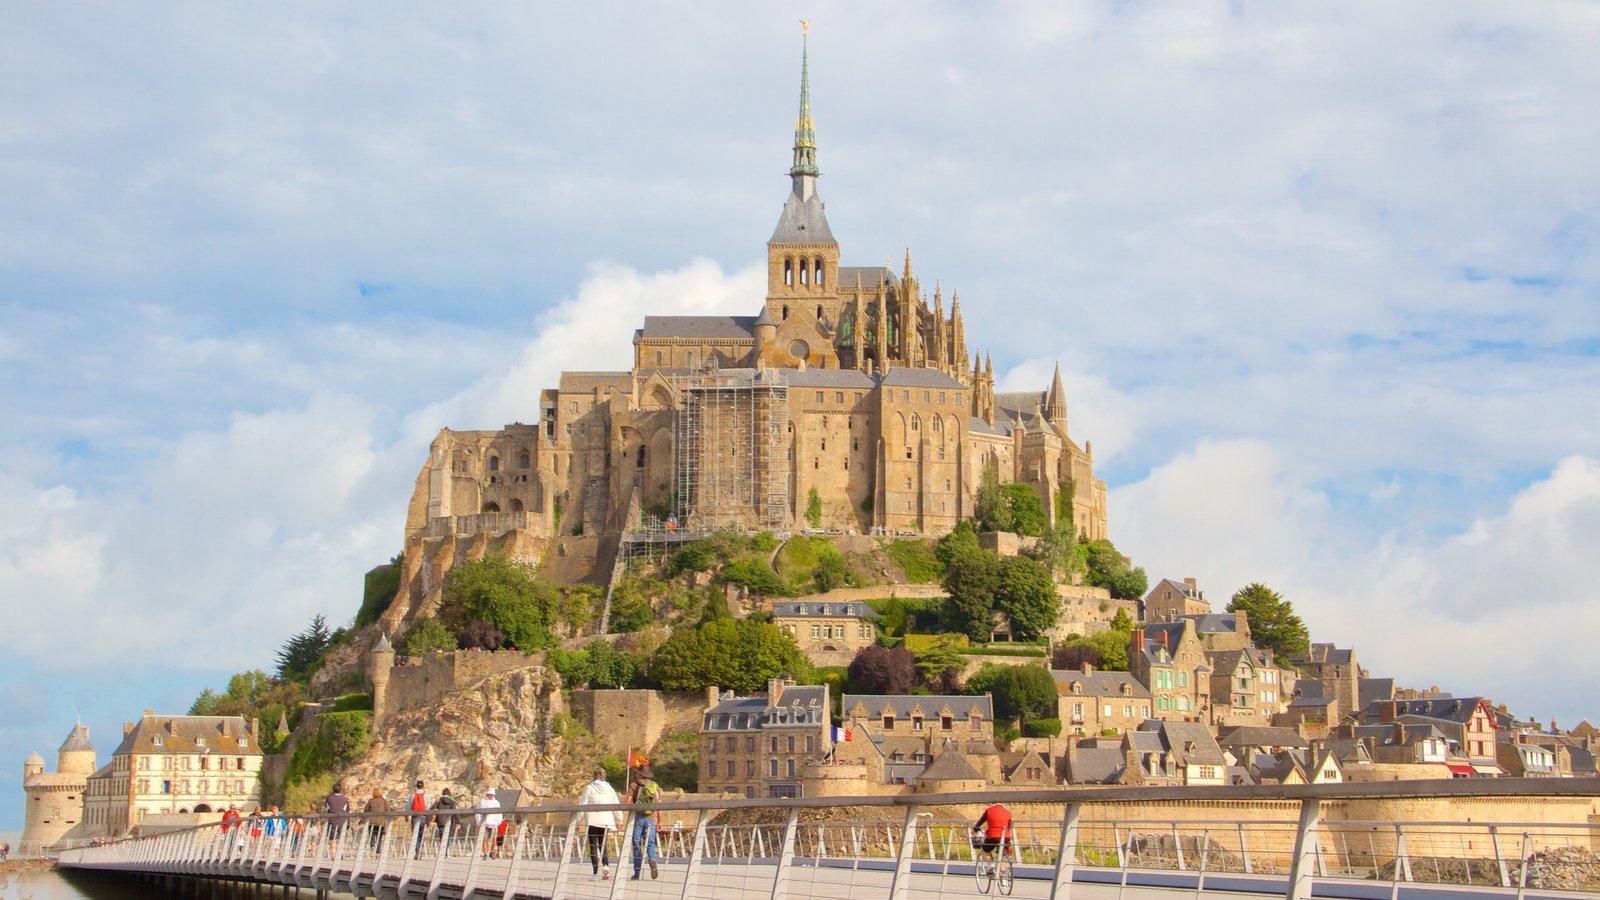 castles palaces pictures view images of le mont michel